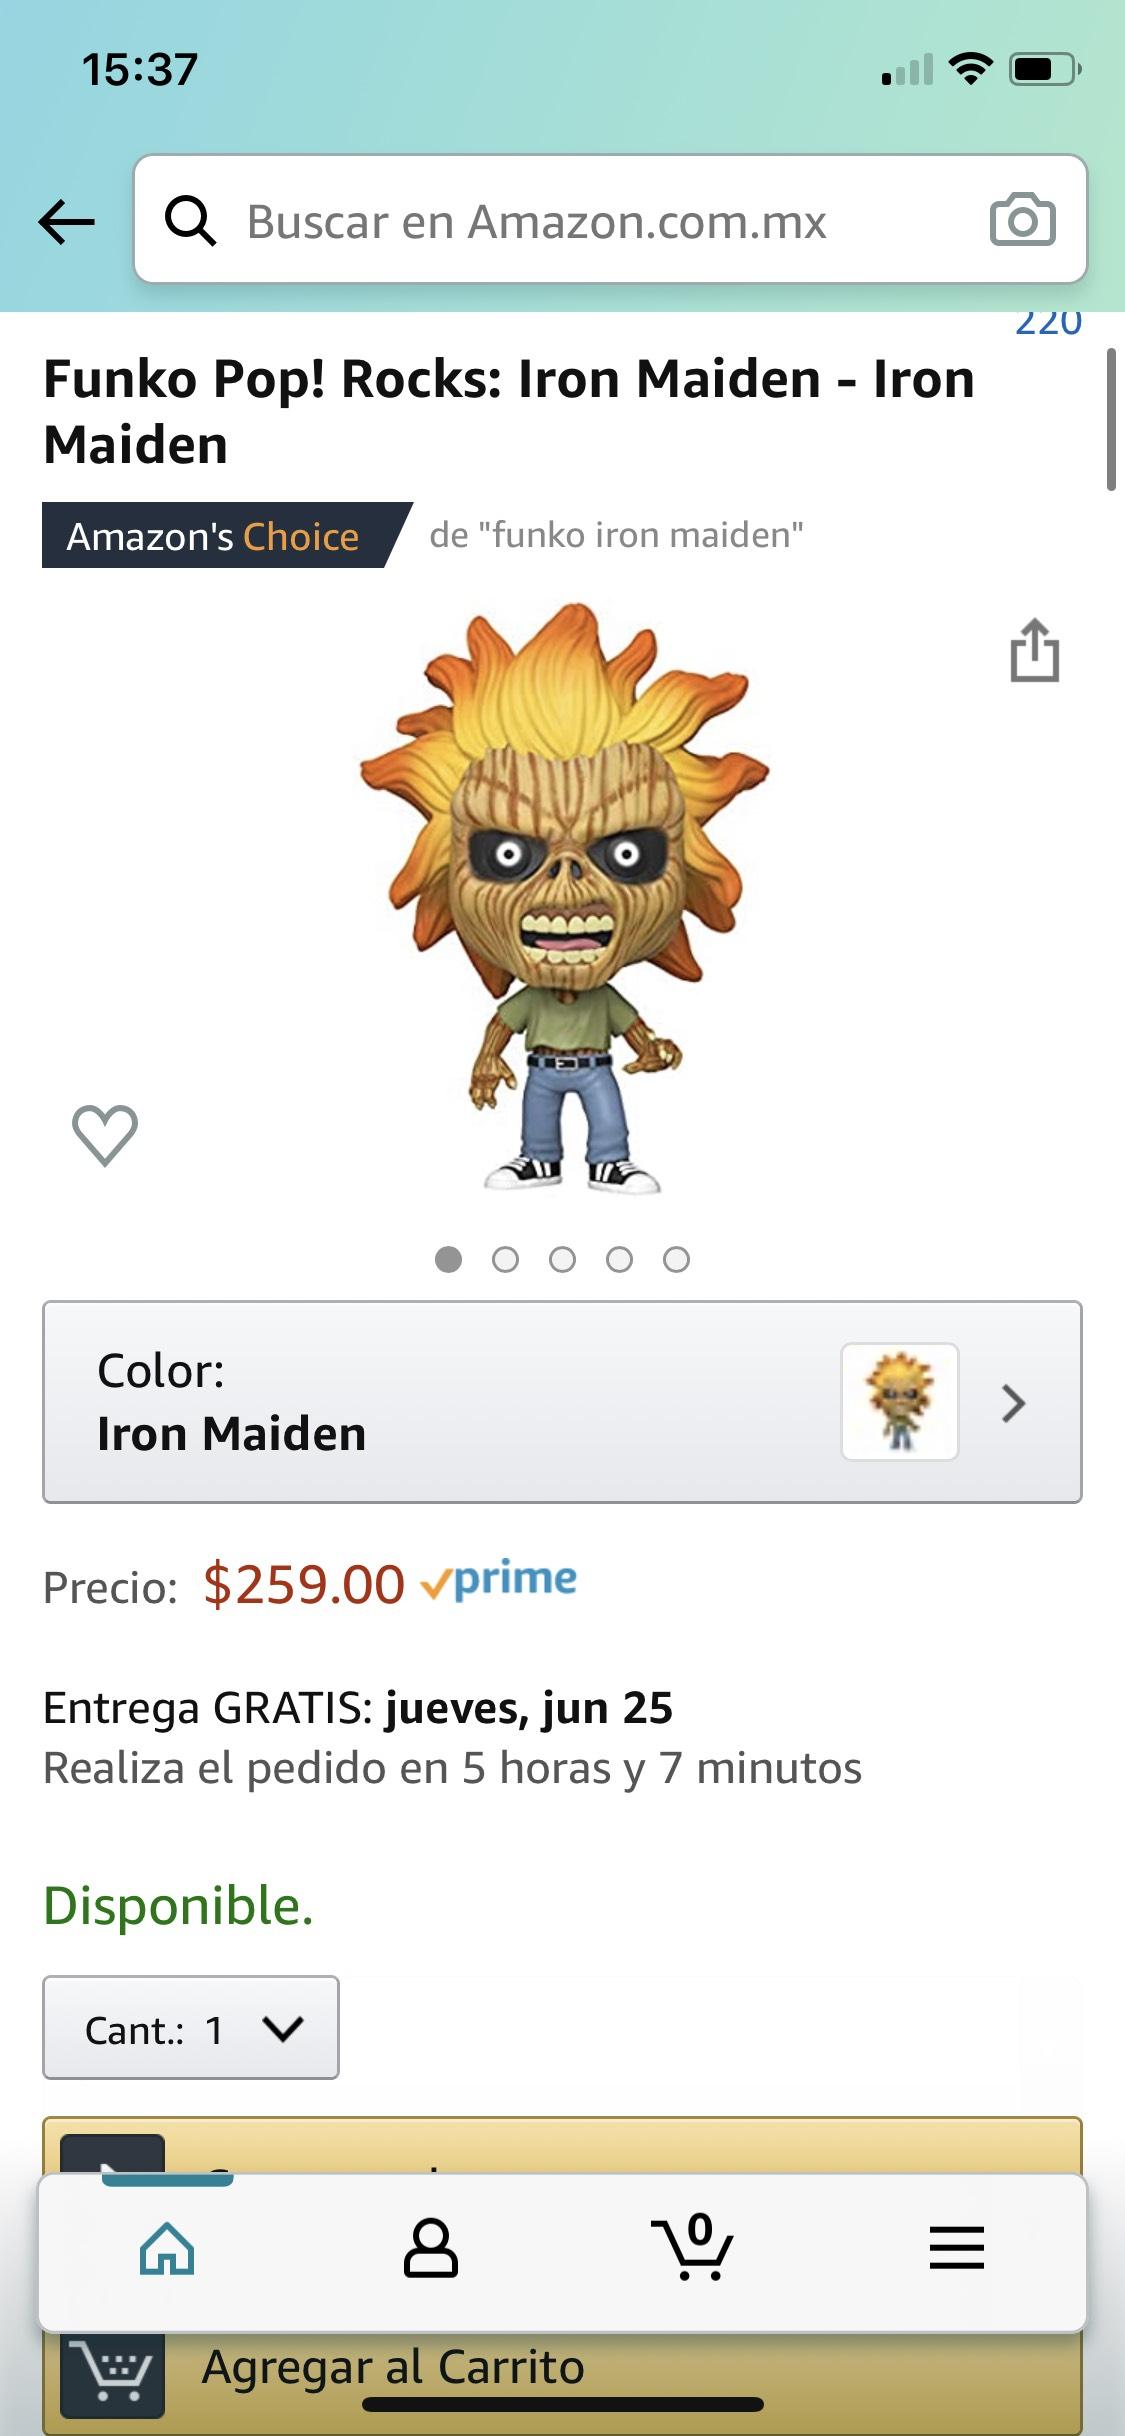 Amazon Prime: Funko Pop Iron Maiden $259